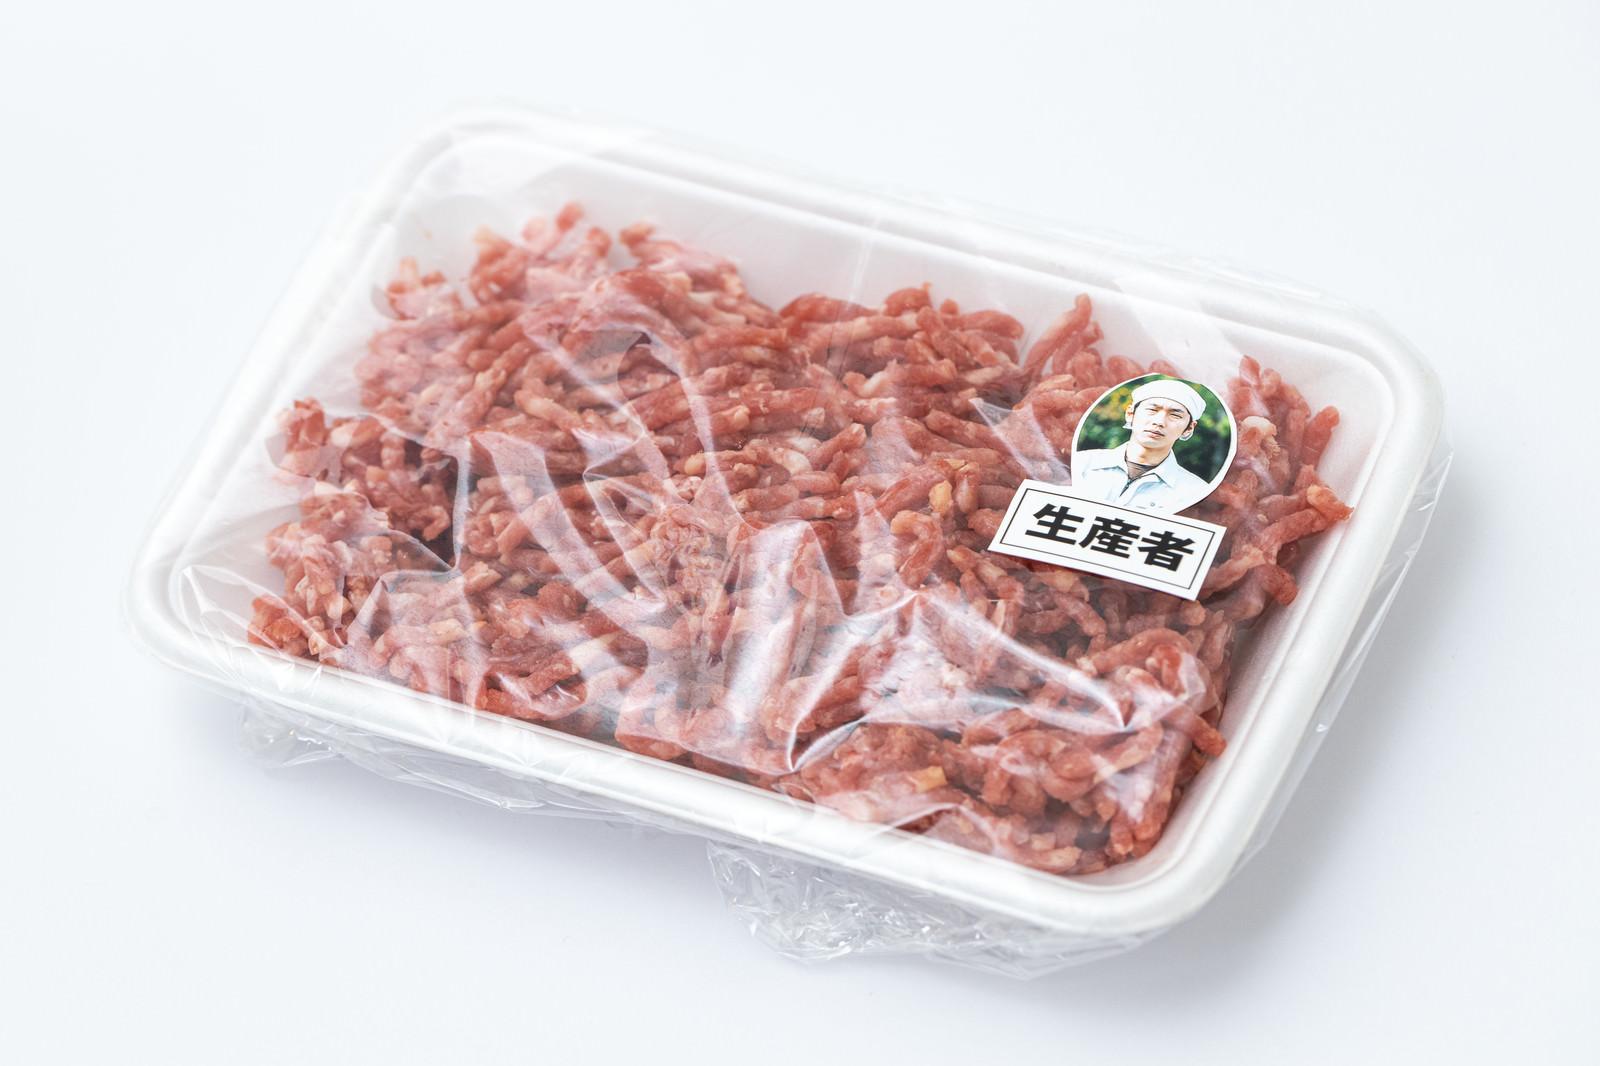 「生産者が見えるミンチ肉」の写真[モデル:大川竜弥]